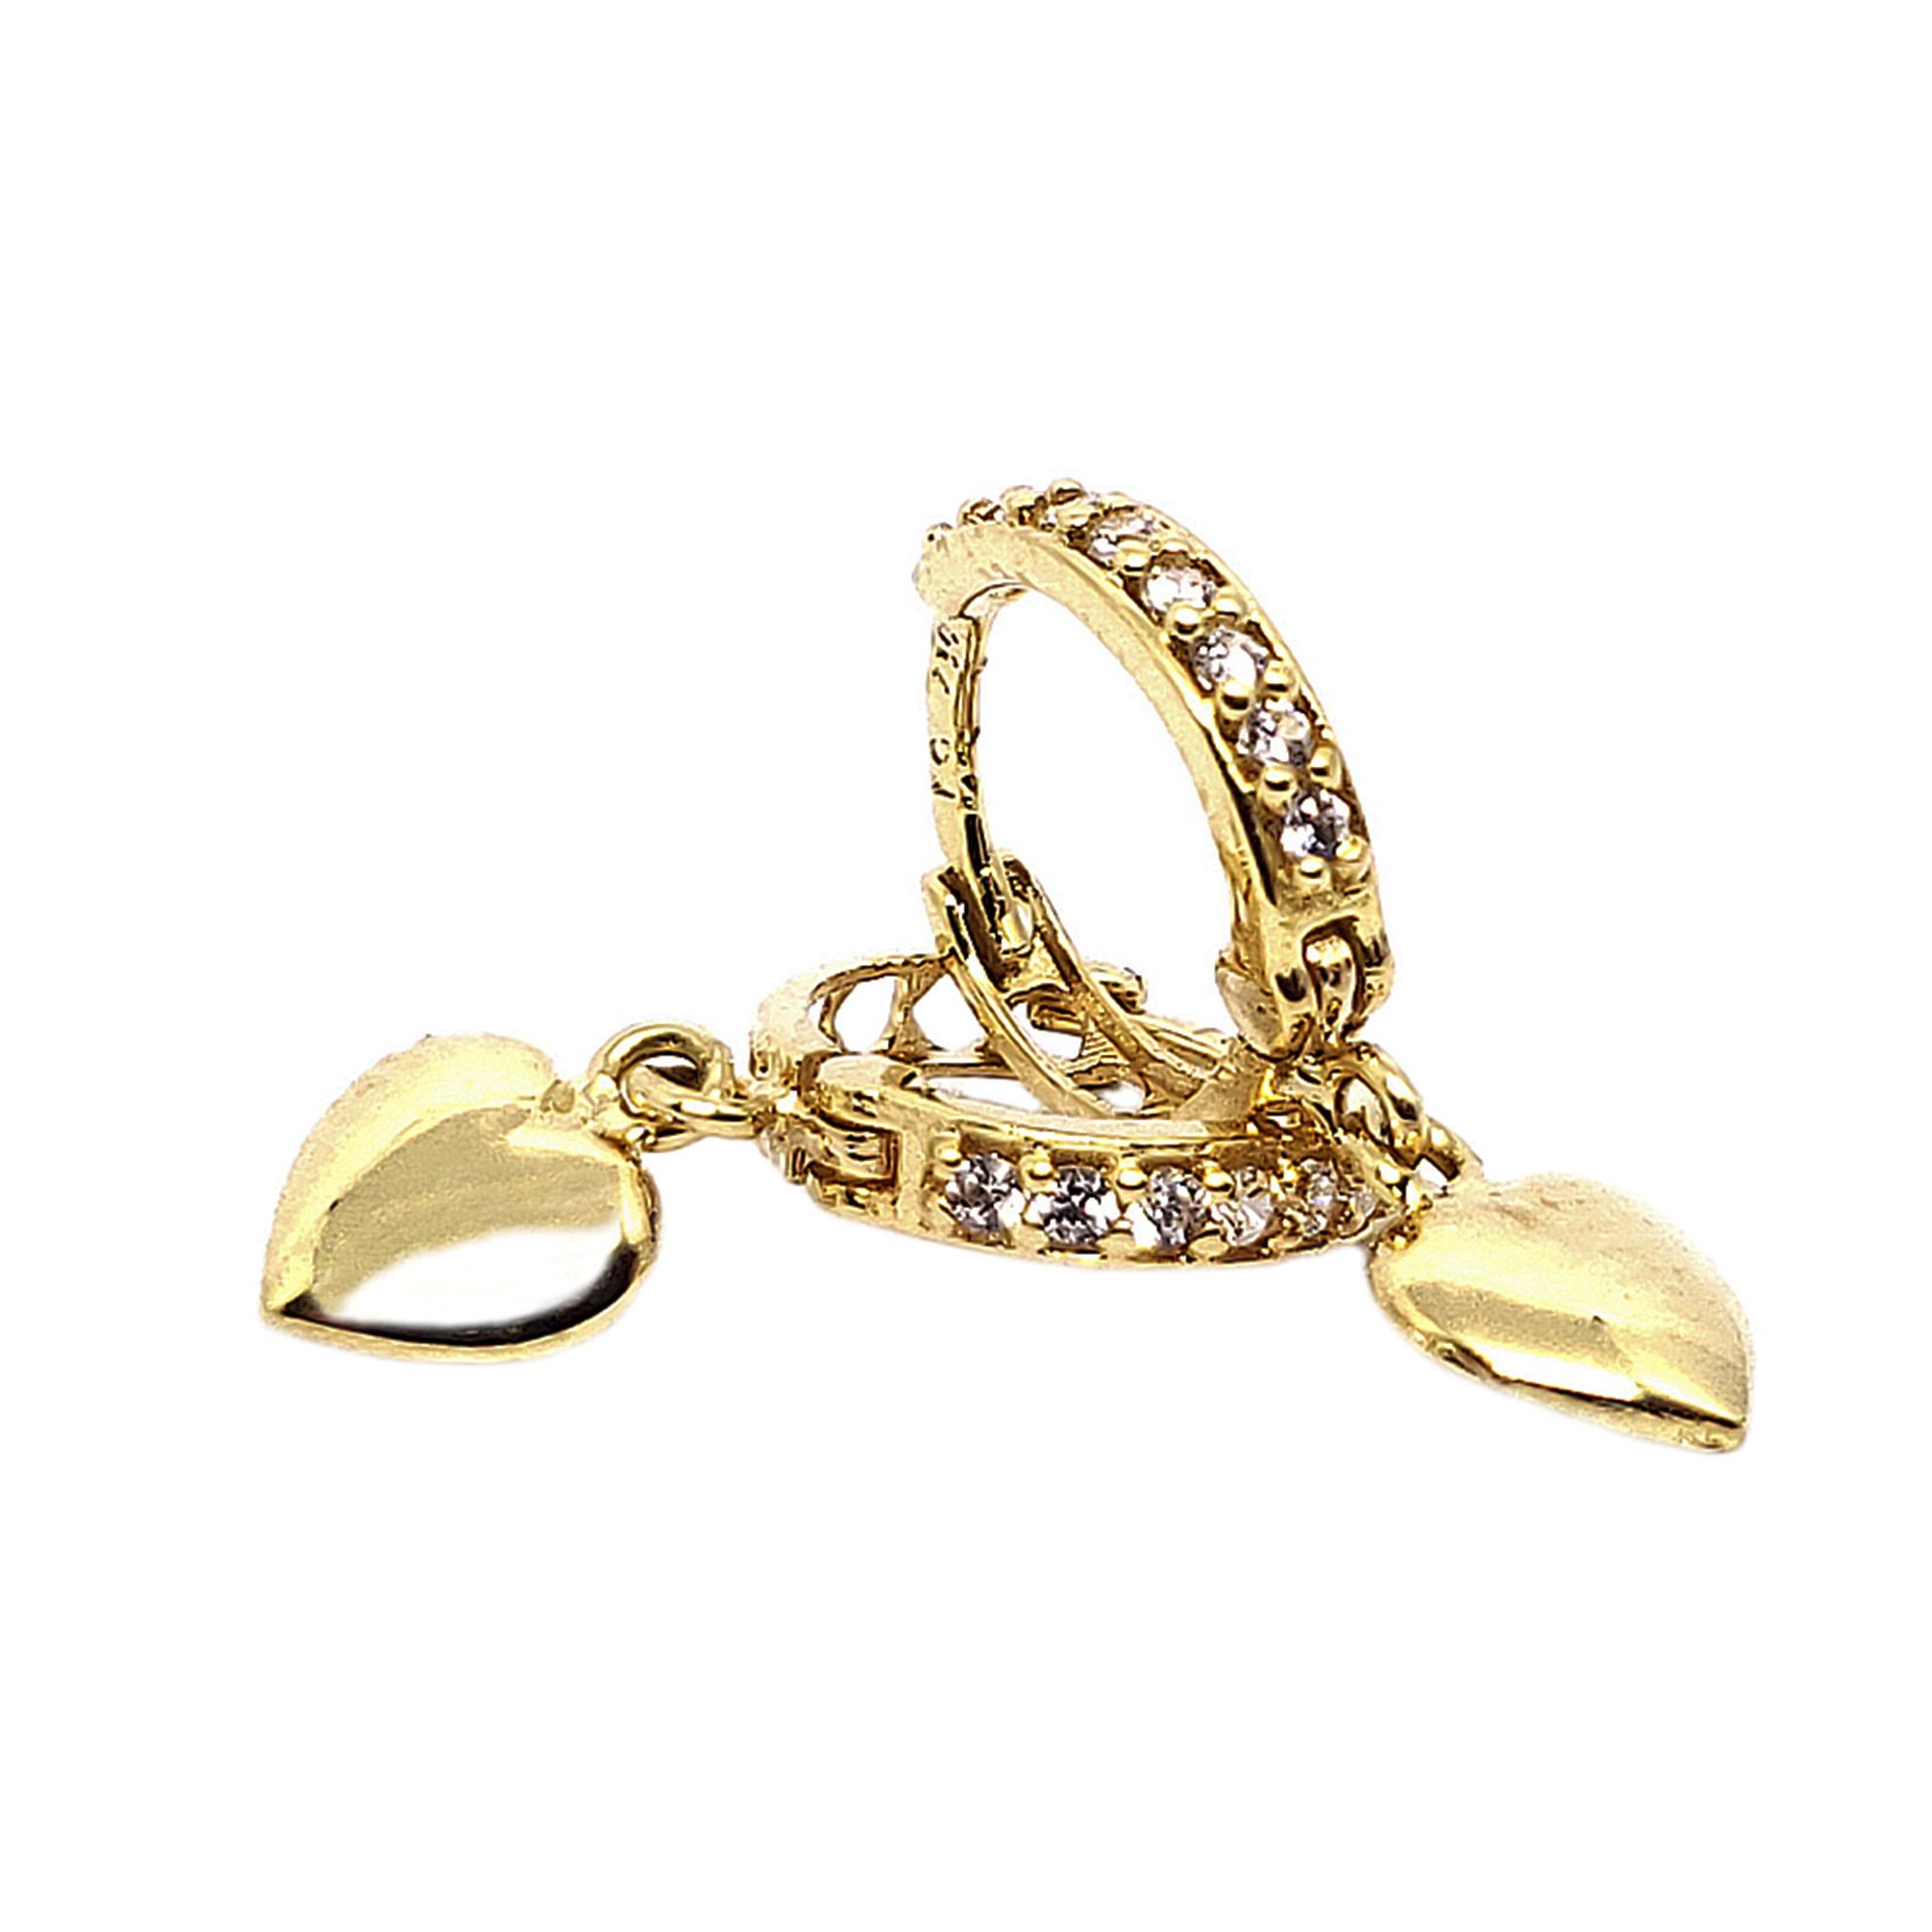 Brinco Argolinha Coração c/ Zircônias em Ouro 18 Kilates